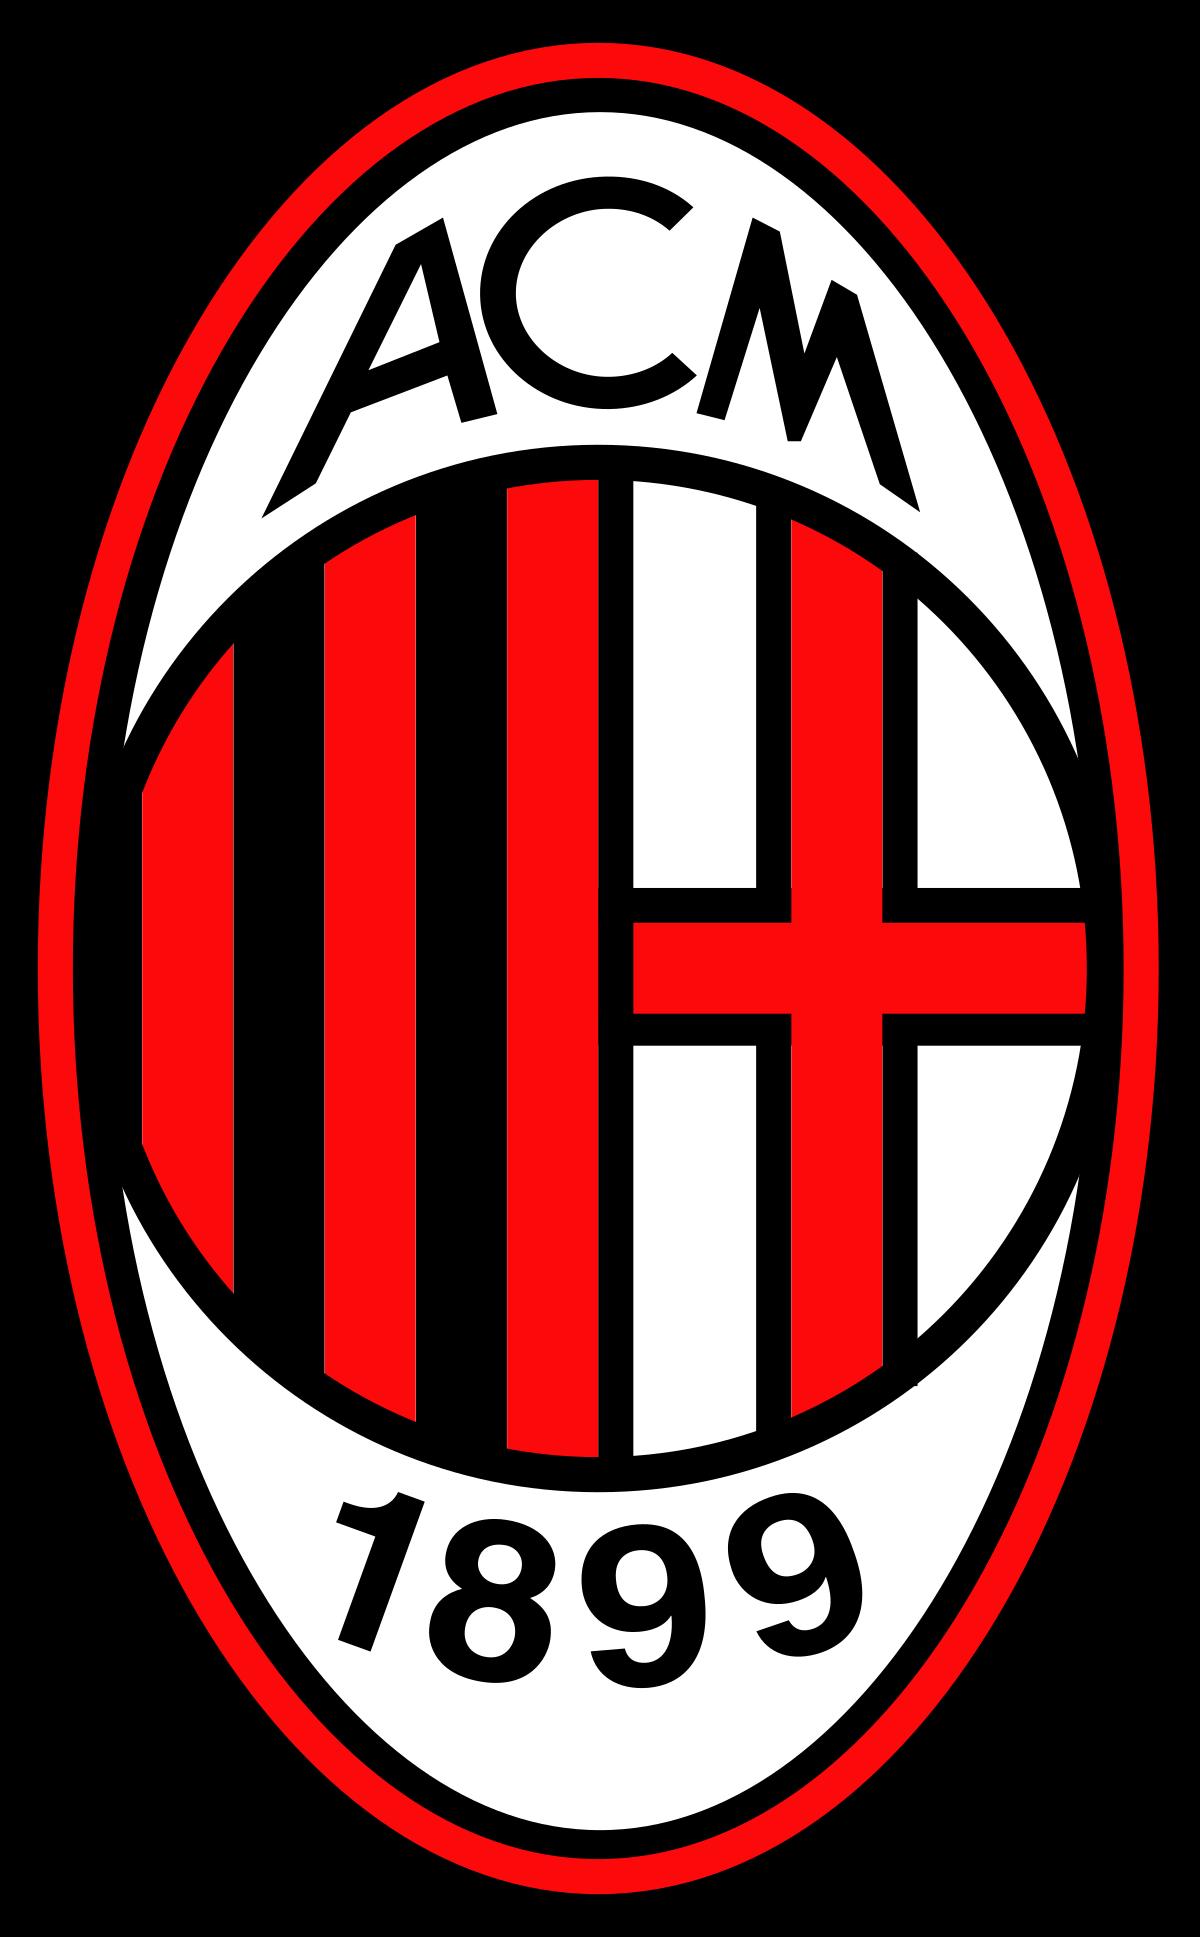 escudo ac milan - Programas de treinamento para goleiros 2020